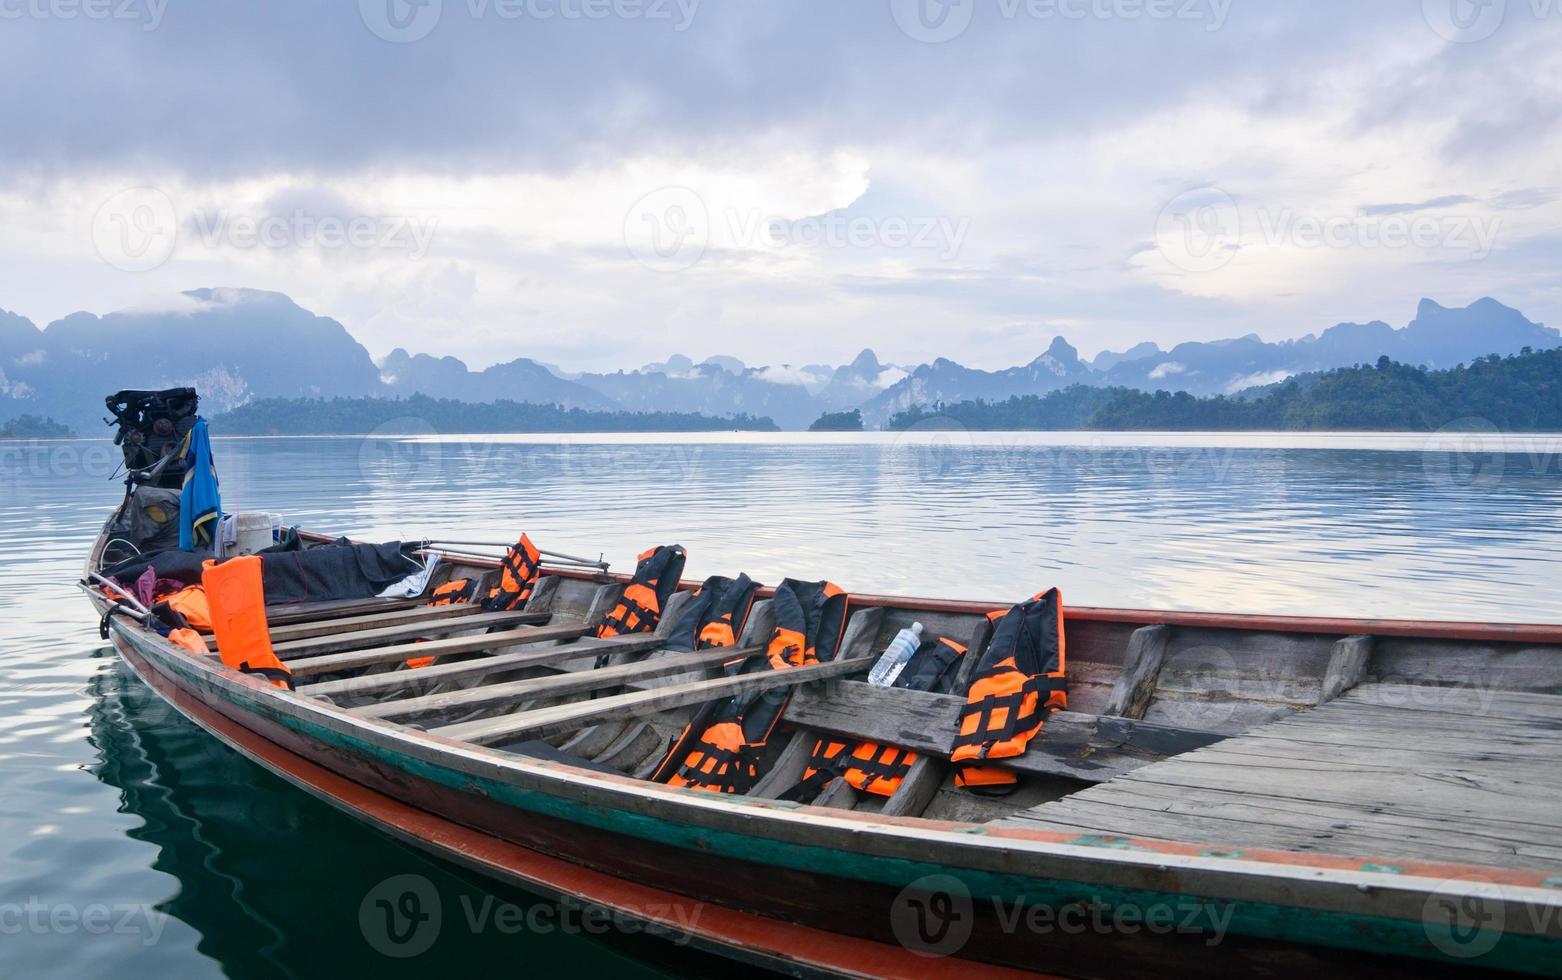 viaje en botes pequeños, presa de ratchapapha foto